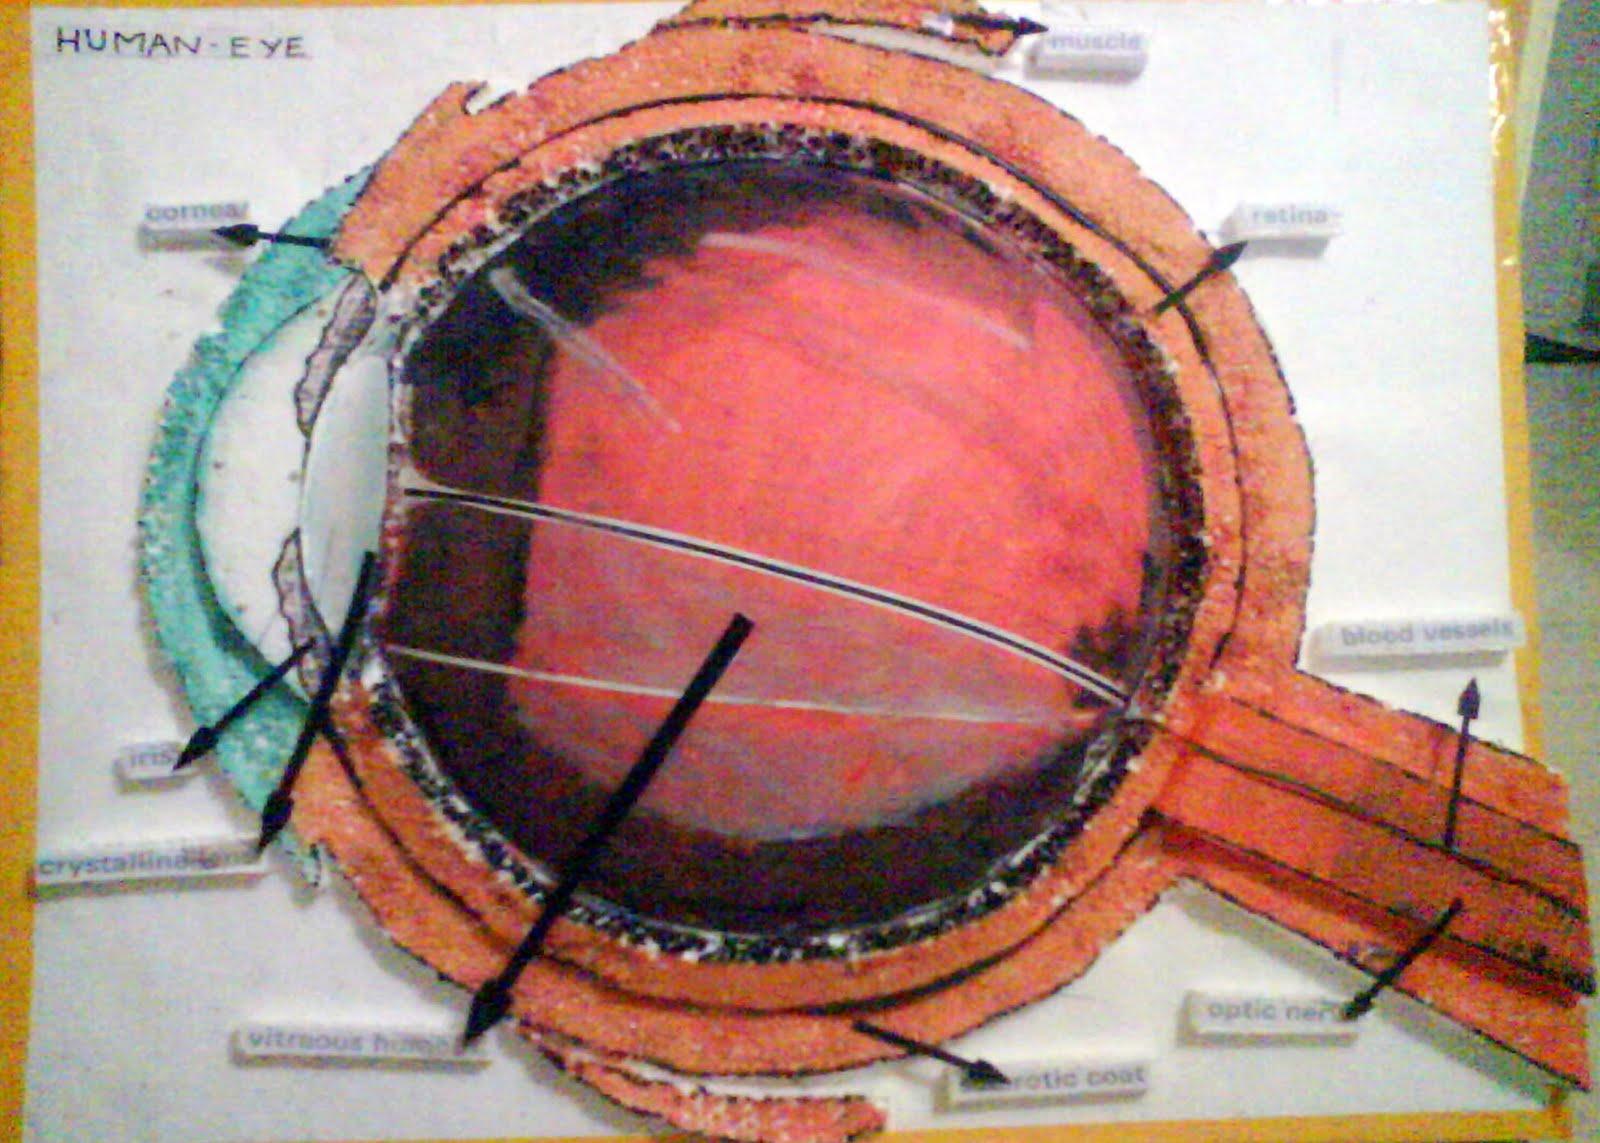 jaw anatomy diagram ear anatomy diagram projects